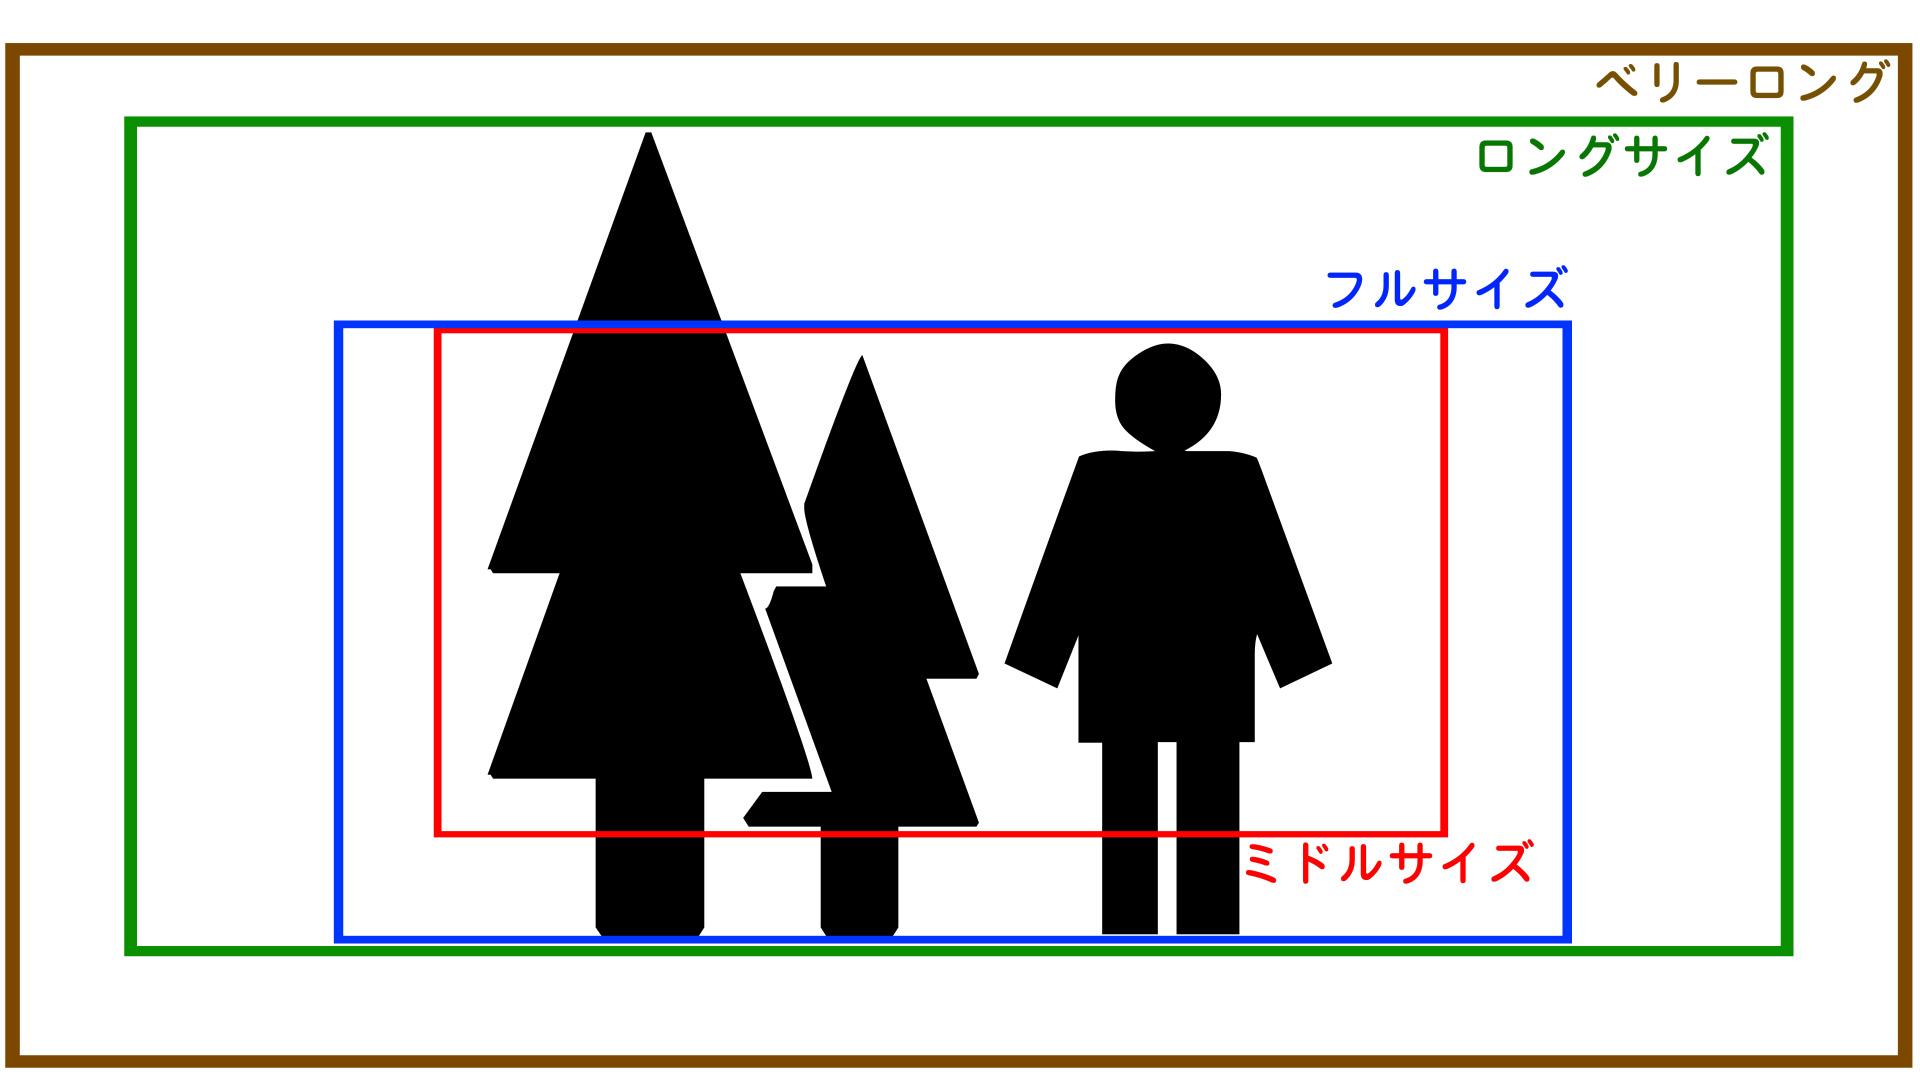 angle-01